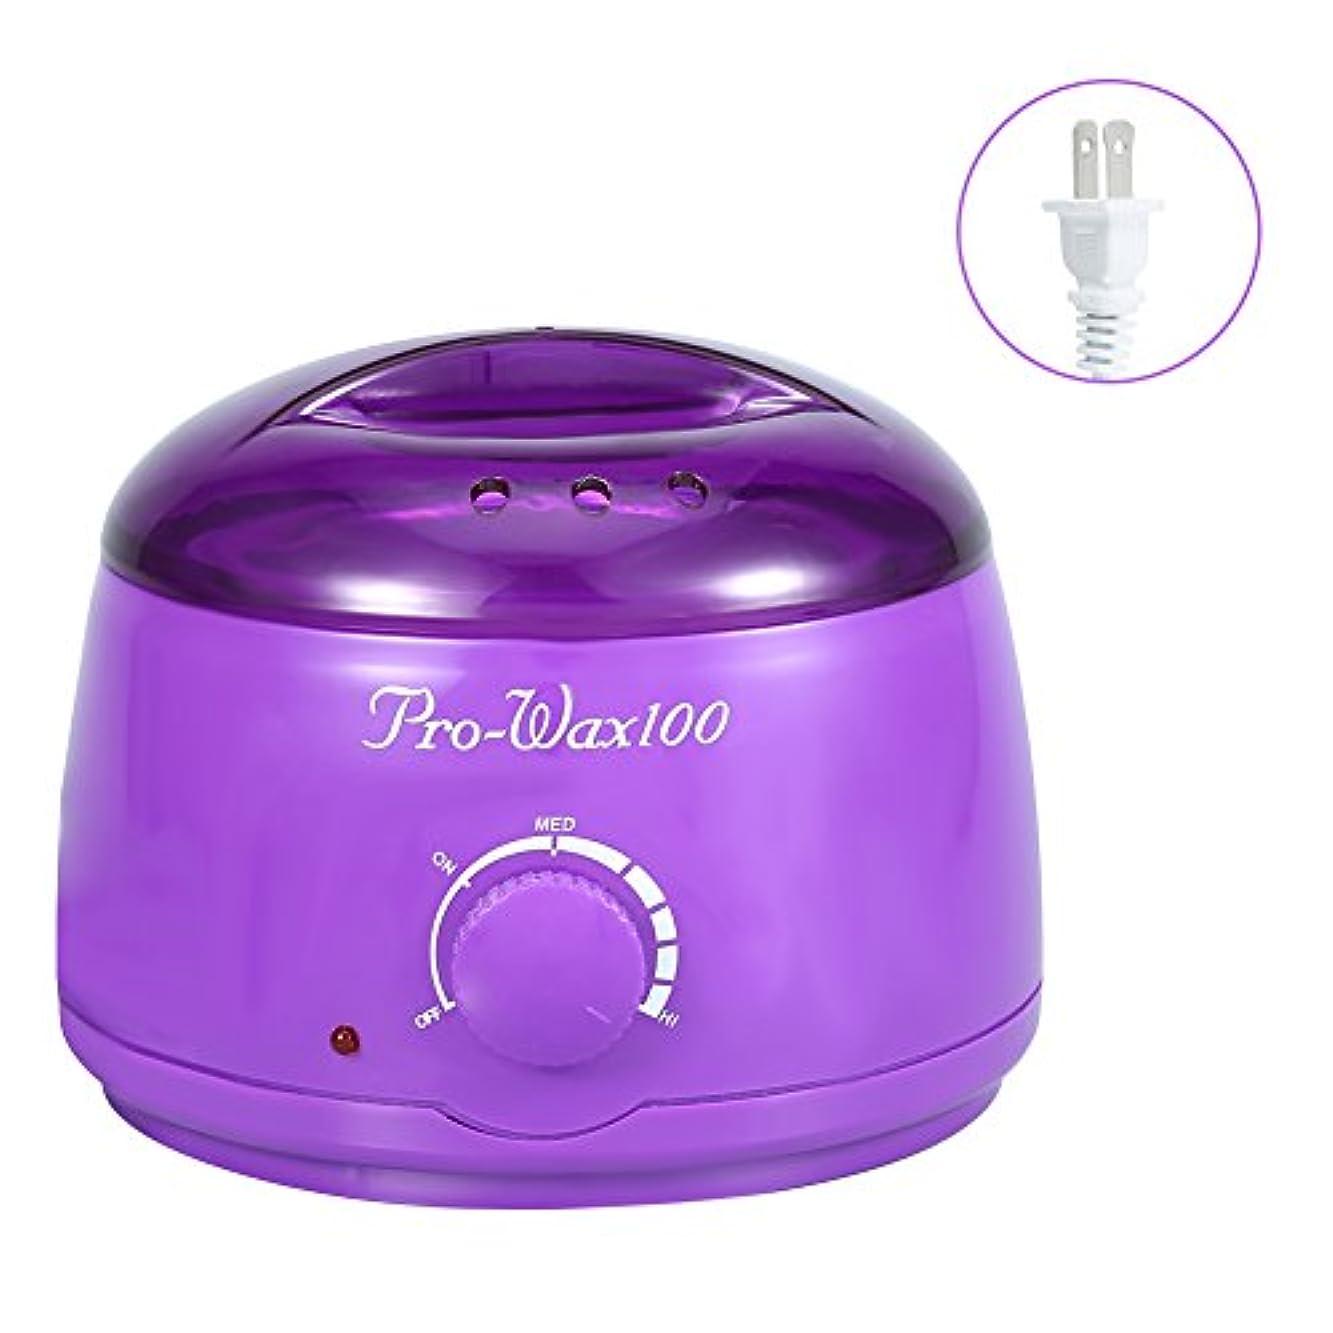 はねかけるミュート直立ワックス脱毛ワックスヒーター+ 4 x 100g異なるワックス豆+ 10個ワックススティックプロフェッショナルワックス脱毛セット(紫色)